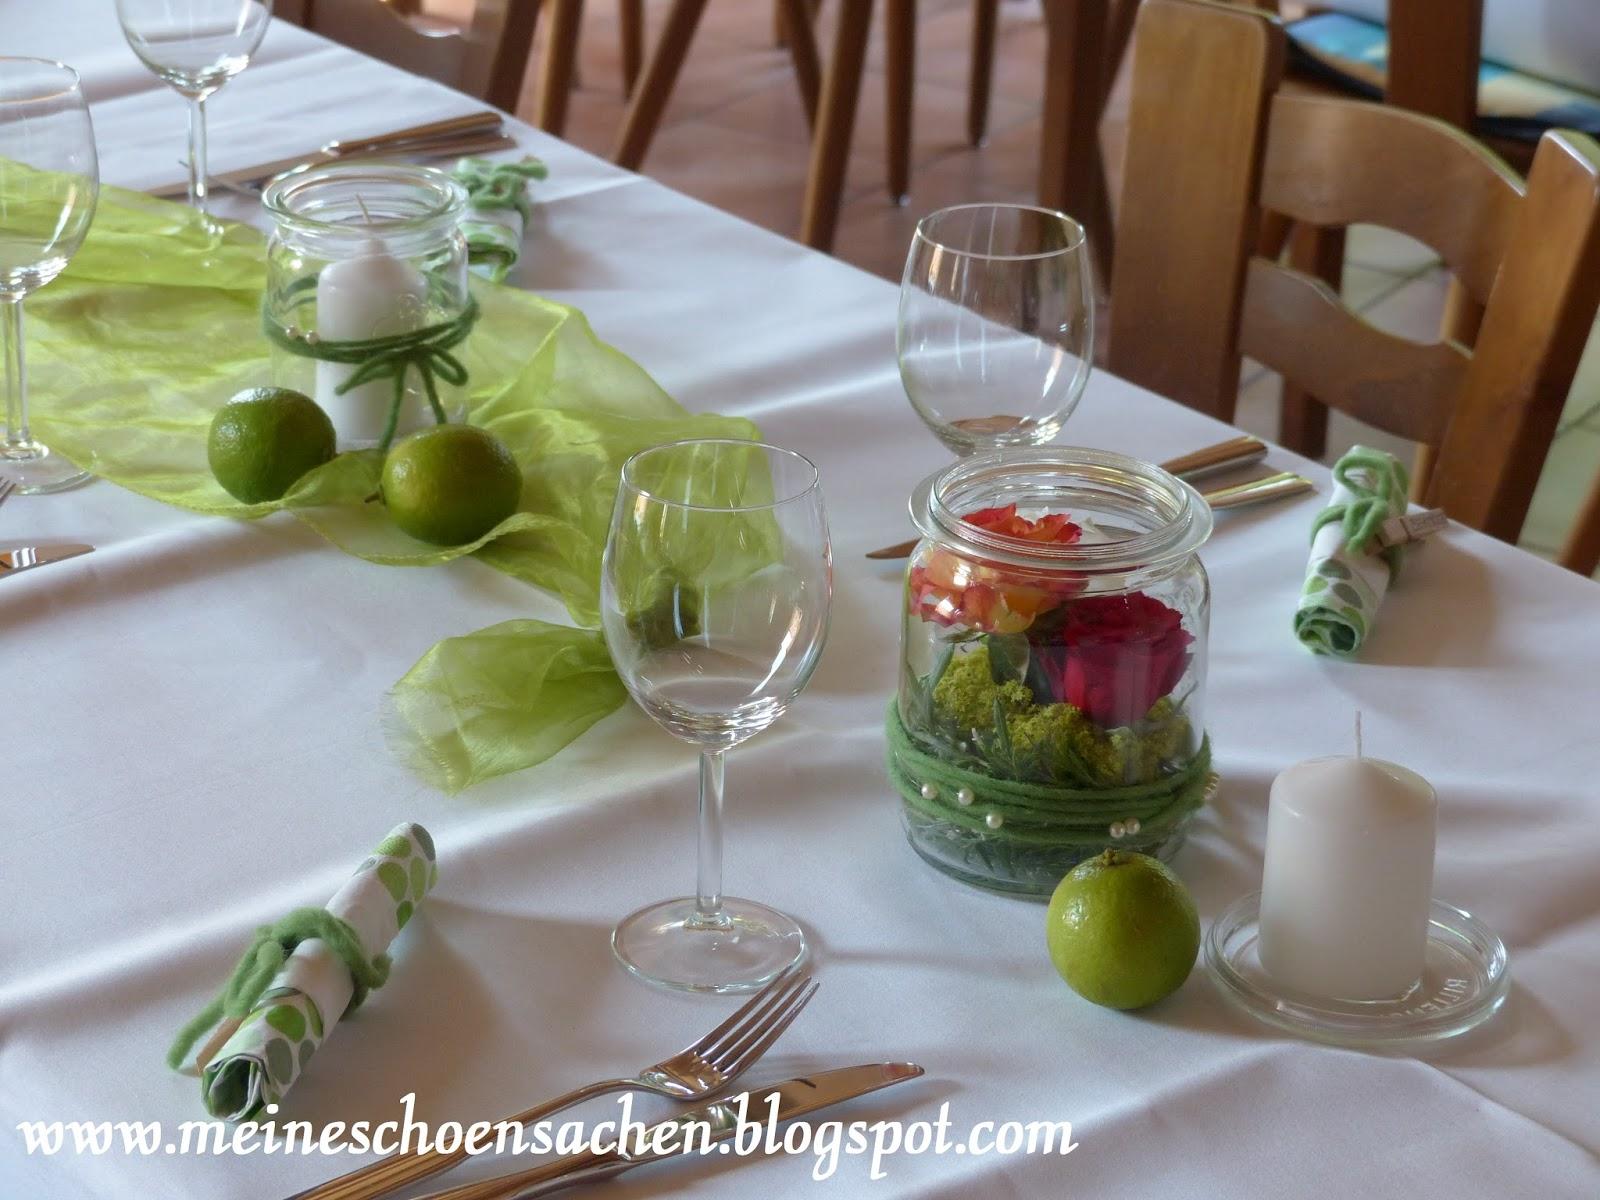 Einfache Tischdeko Geburtstag Herbstliche Tischdeko Einfach And